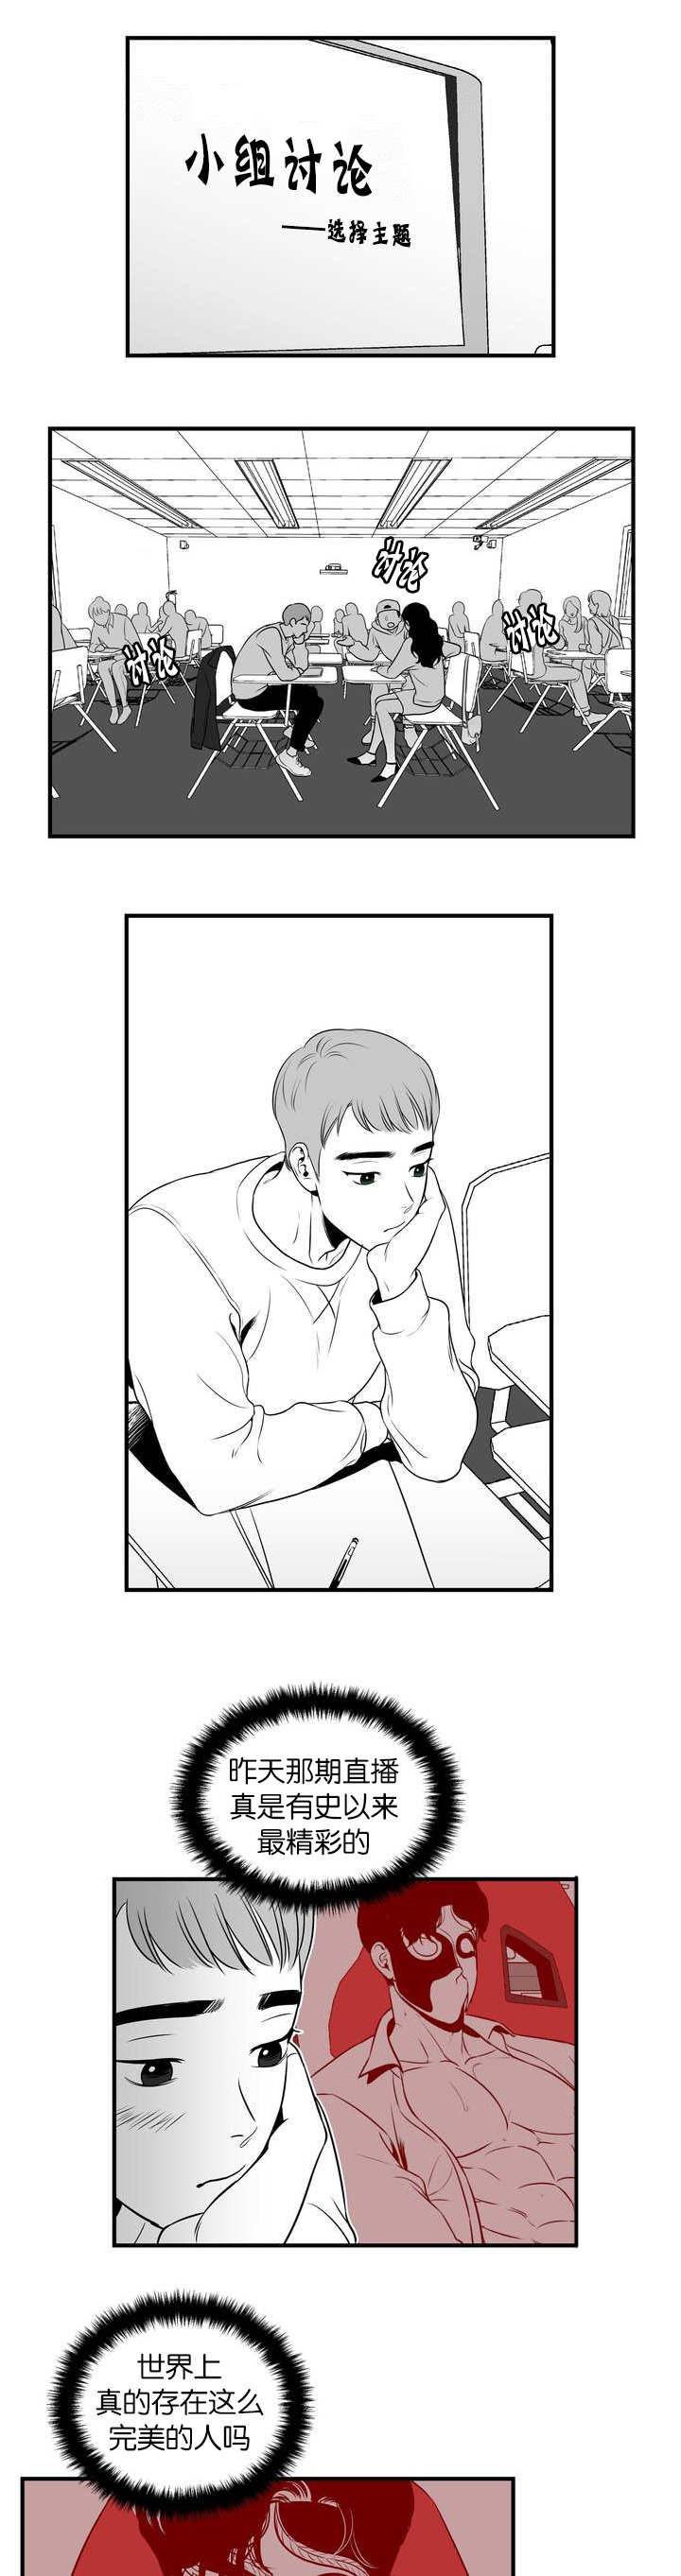 我的主播男友-漫画全集在线阅读&番外+限时免费(已完结)-啵乐漫画